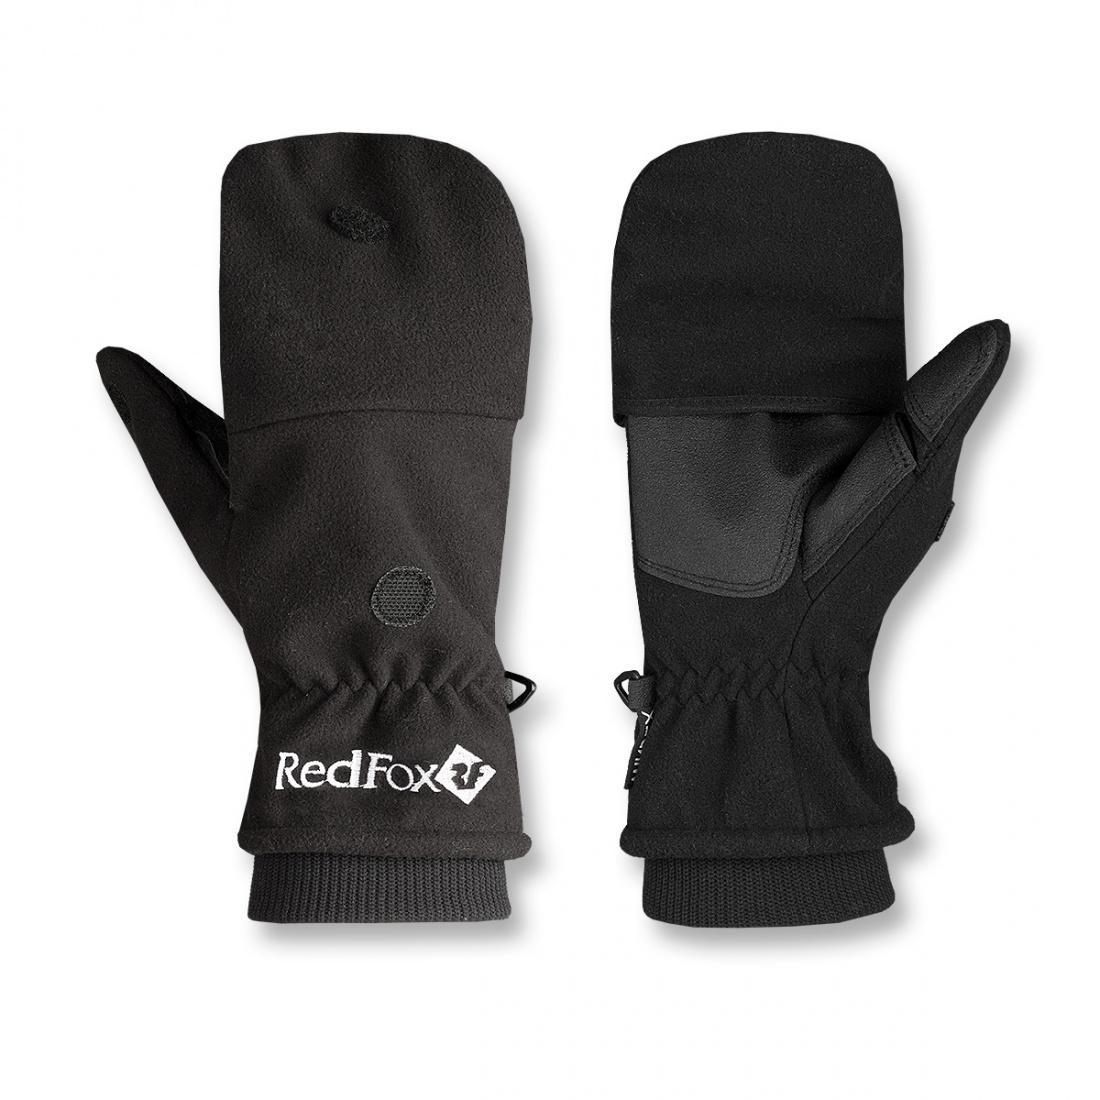 Перчатки TransmittenПерчатки<br><br> Перчатки-трансформеры с возможностью использования изделия с открытыми пальцами, а также в качестветеплых, непродуваемых рукавиц.<br><br><br> Основные характеристики:<br><br><br><br><br>комфортная регулировка ладони, позволяющая транс...<br><br>Цвет: Черный<br>Размер: S